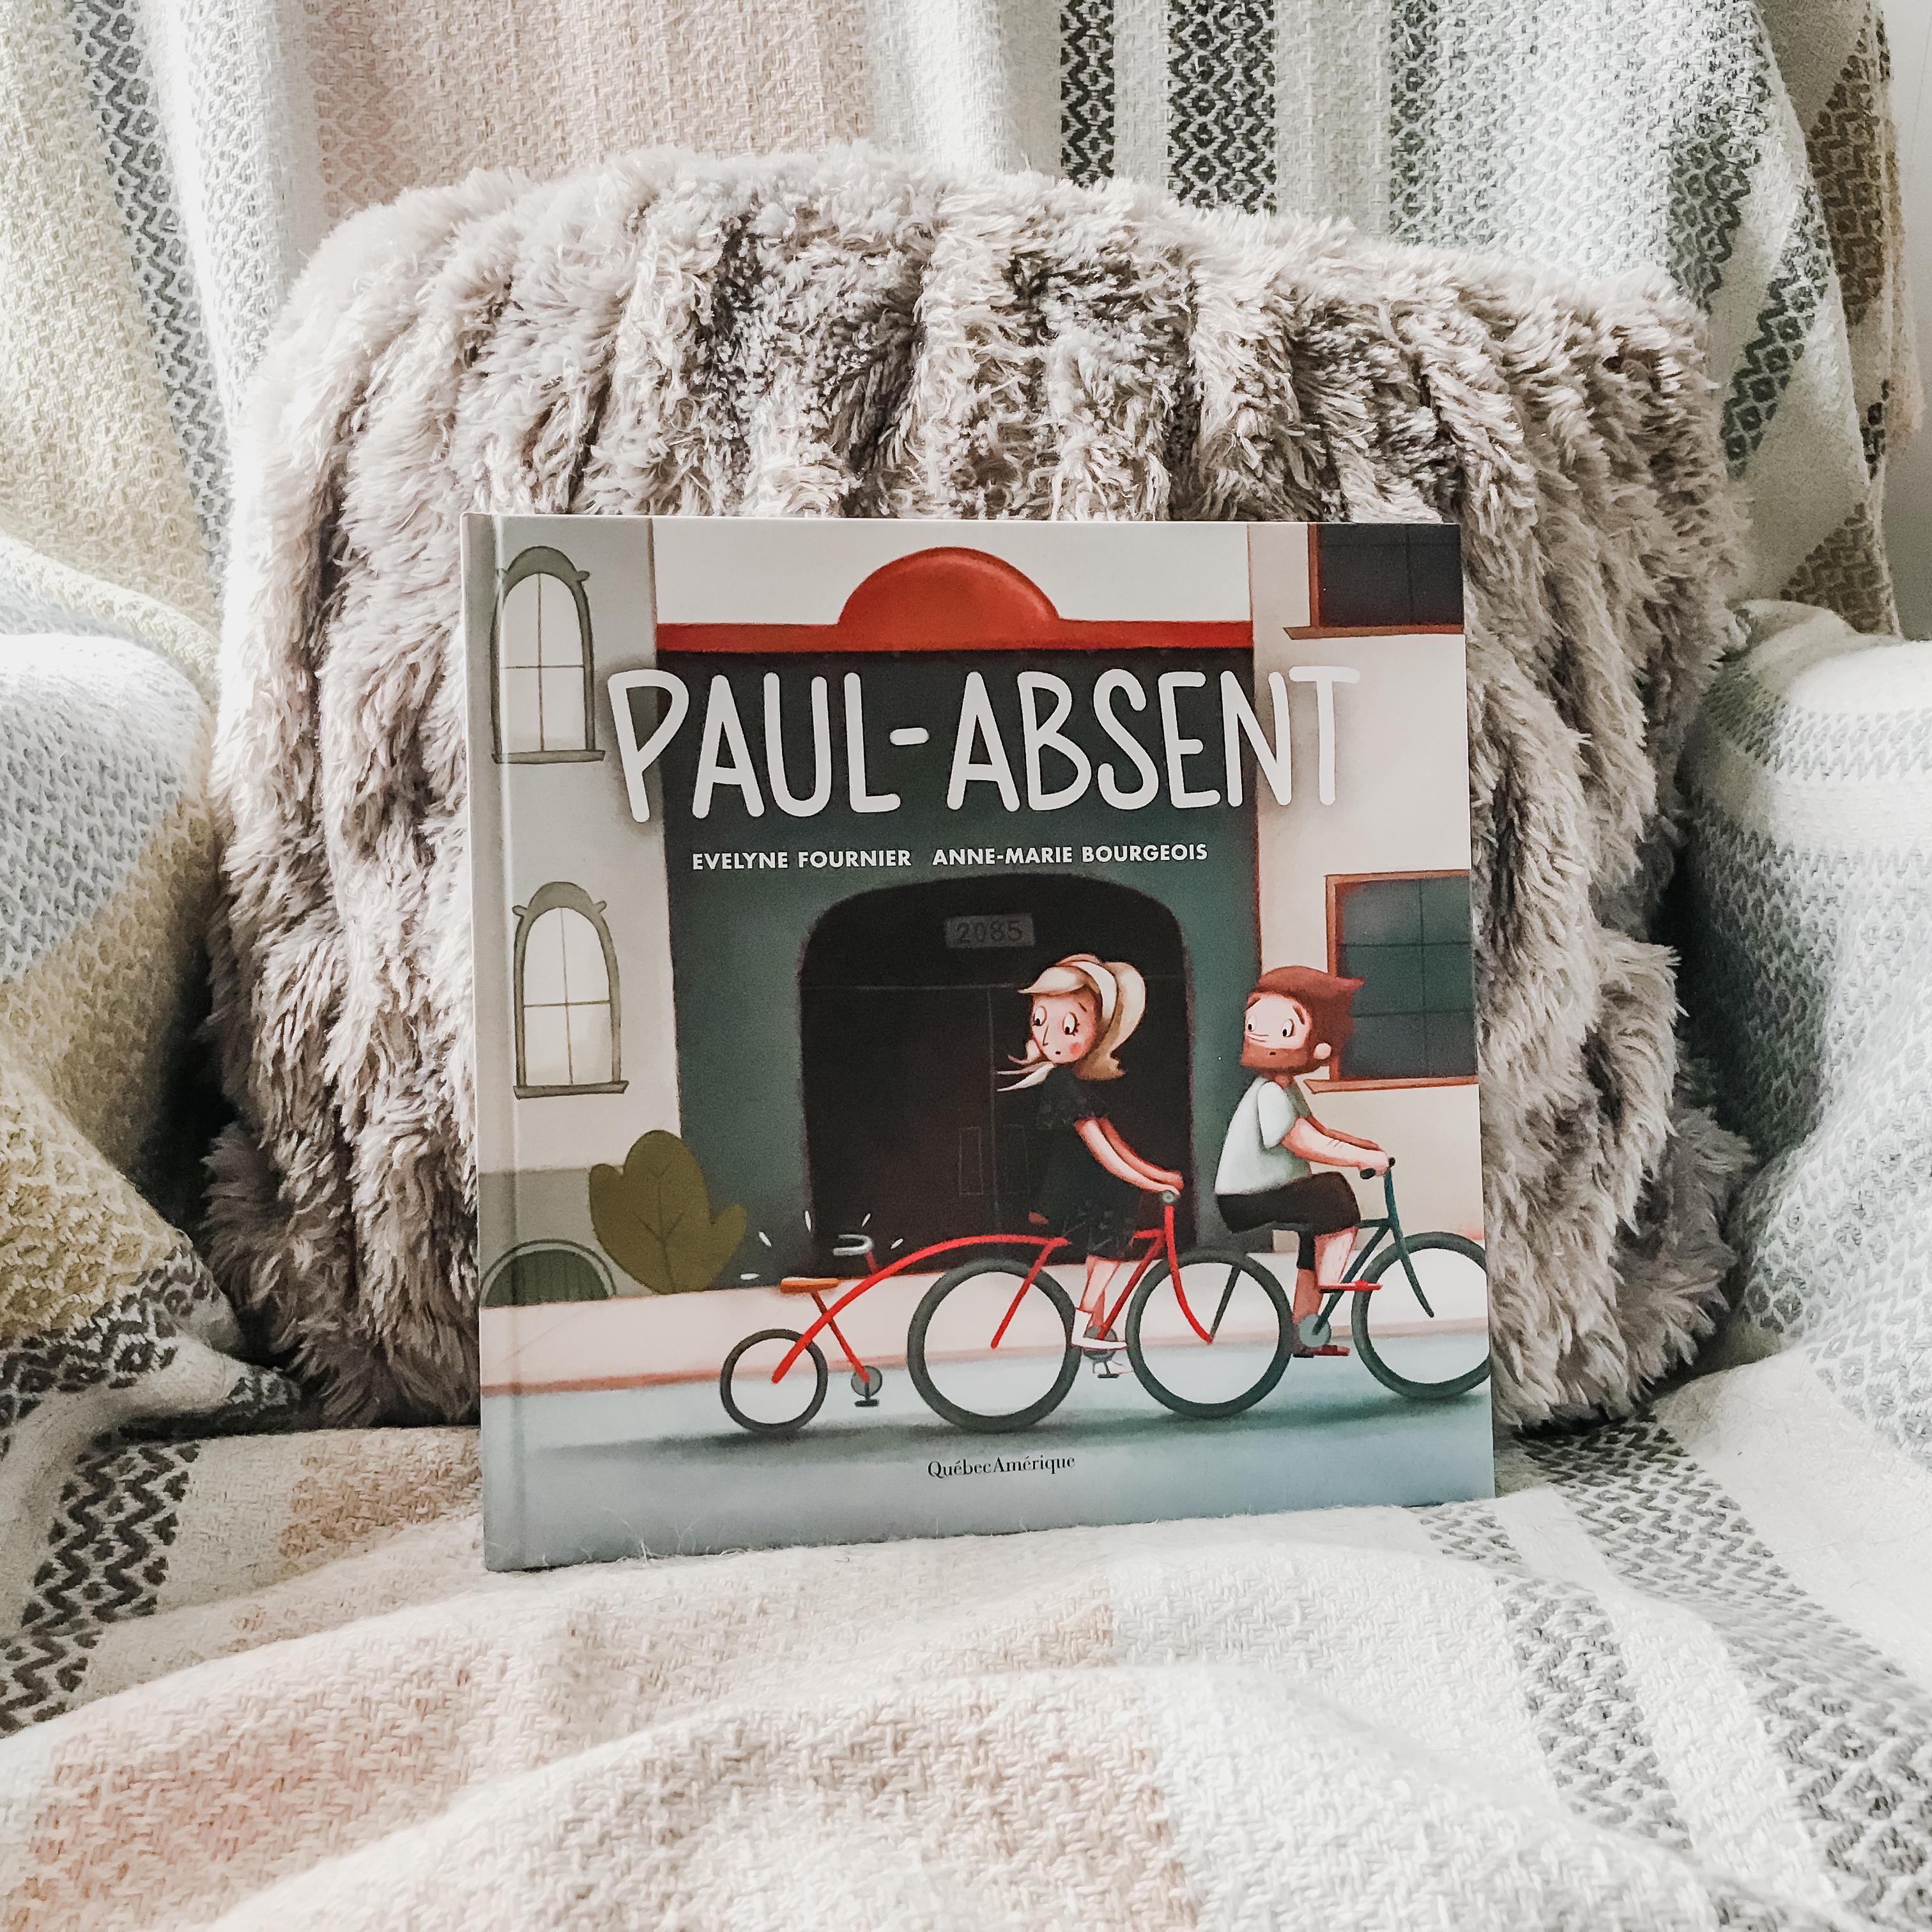 PAUL ABSENT (Québec Amérique)